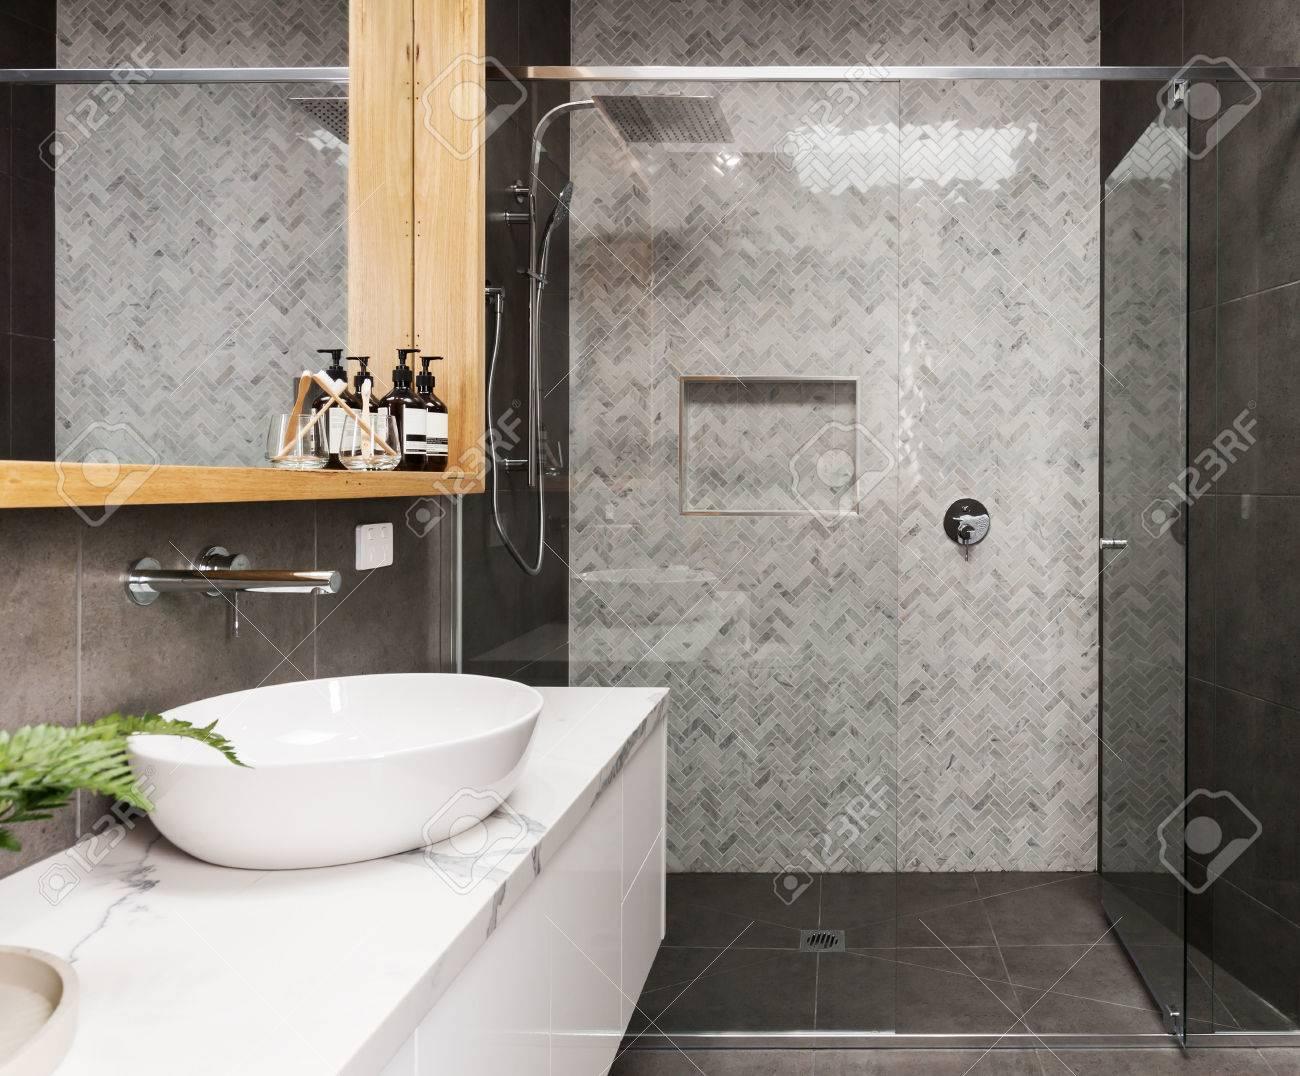 Marmor Mosaik Fischgrät Geflieste Dusche Feature Wand In Einem Modernen Bad  Standard Bild   75761360